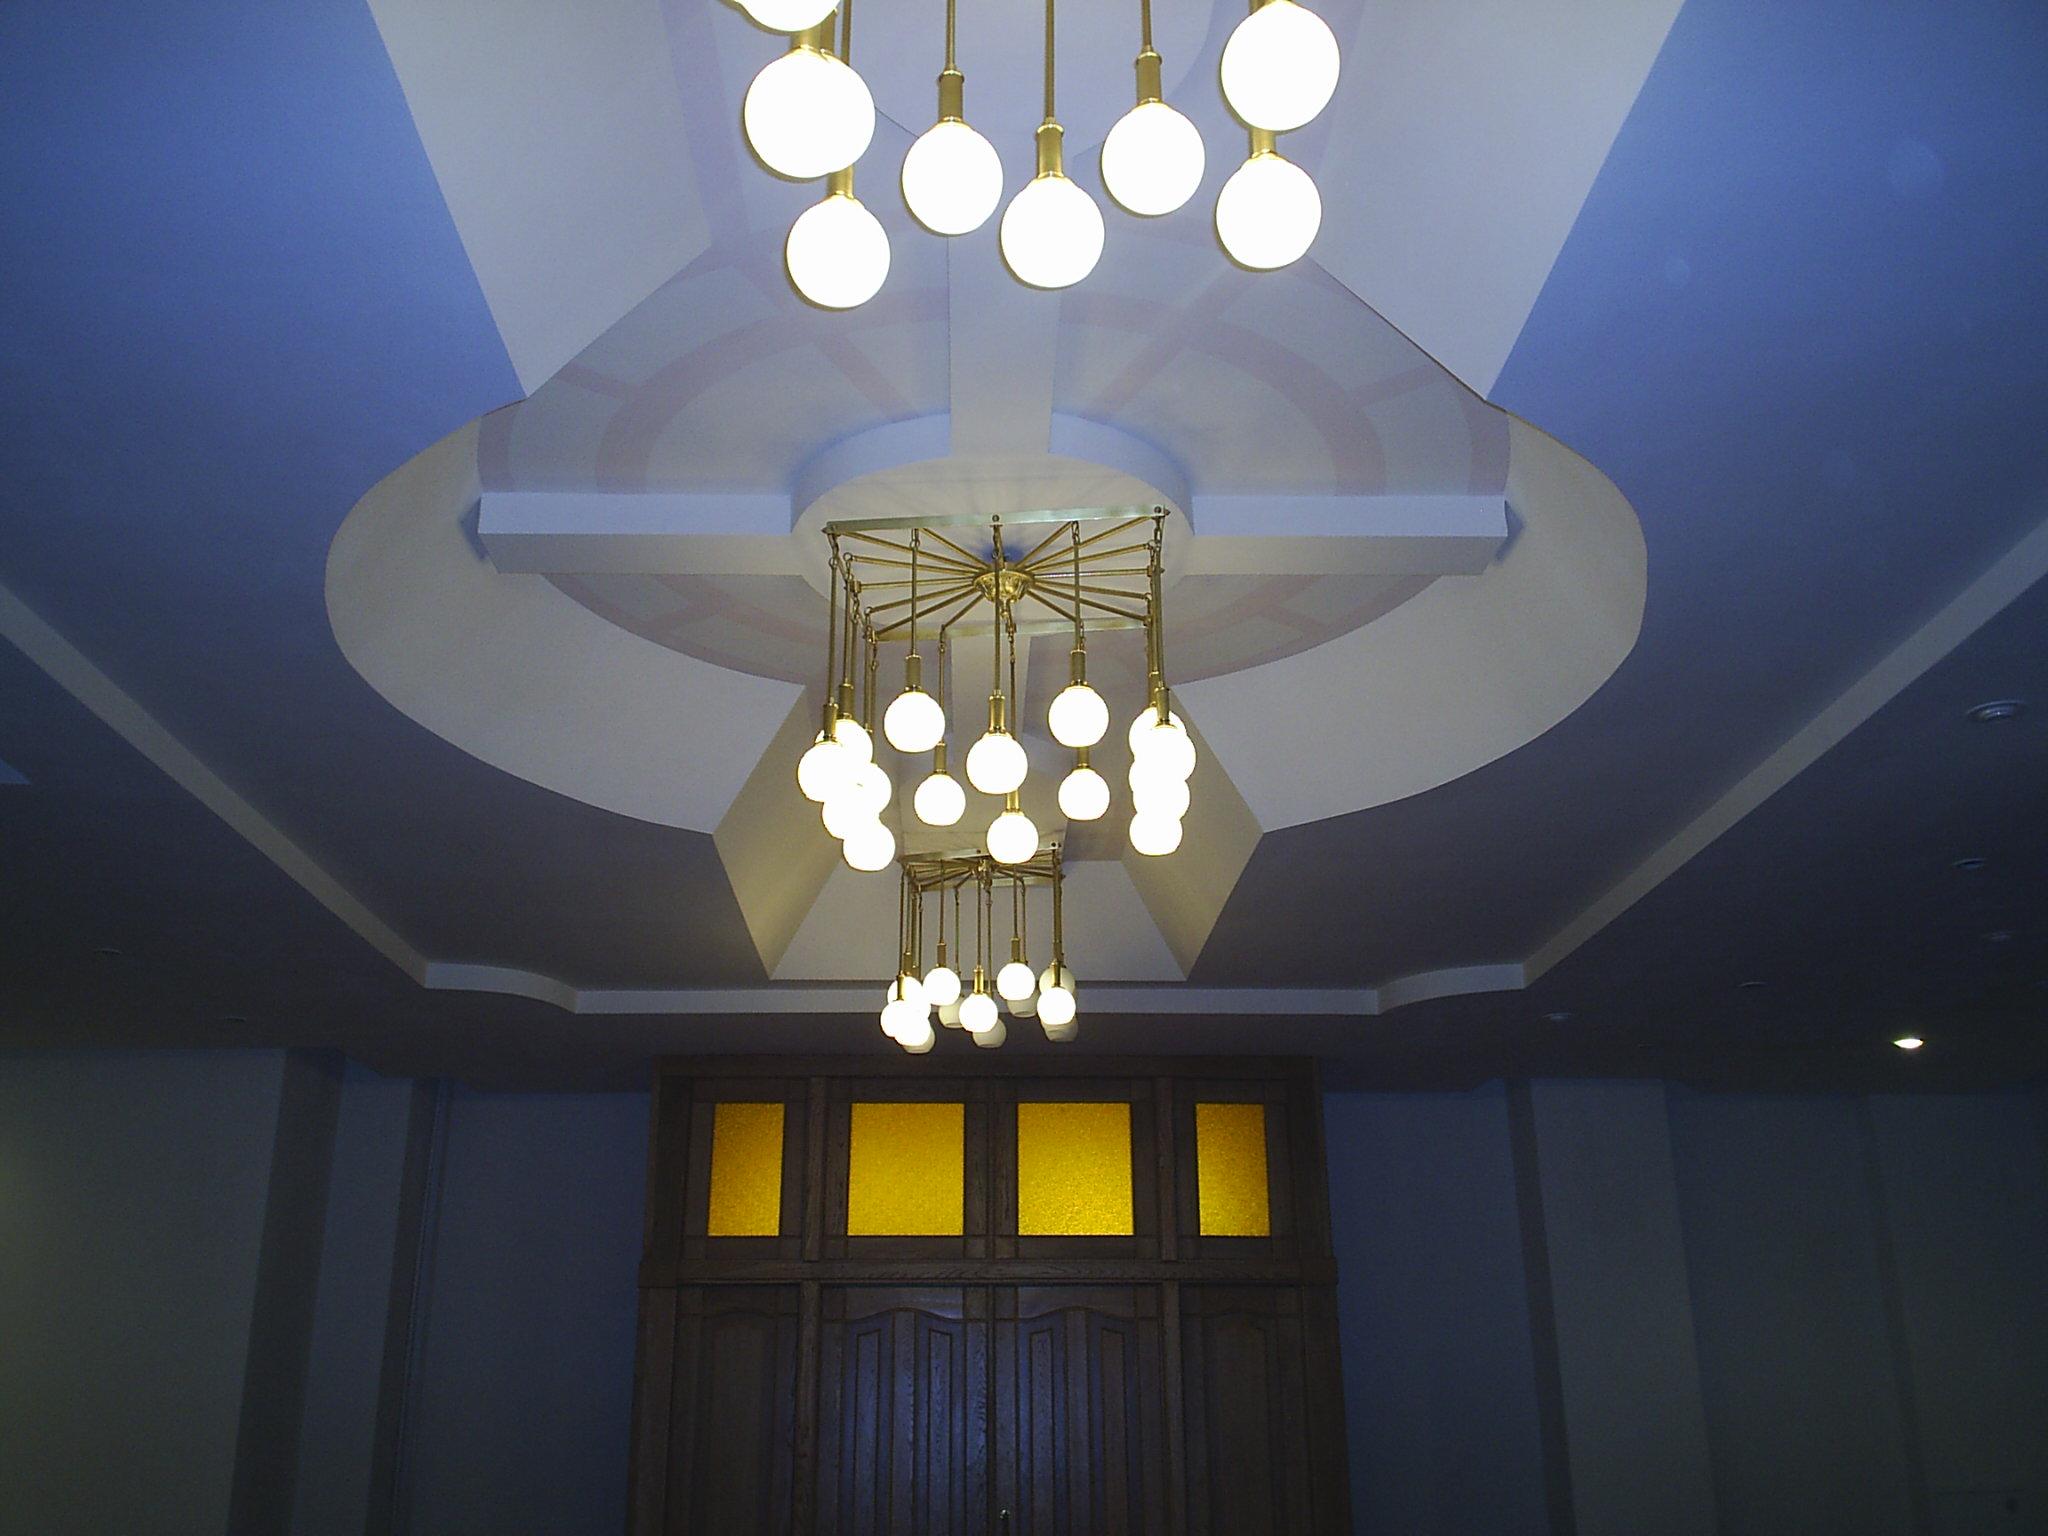 """Латунные люстры с шарами от фабрики """"Лампада"""" в фойе ДК г. Долгопрудный"""